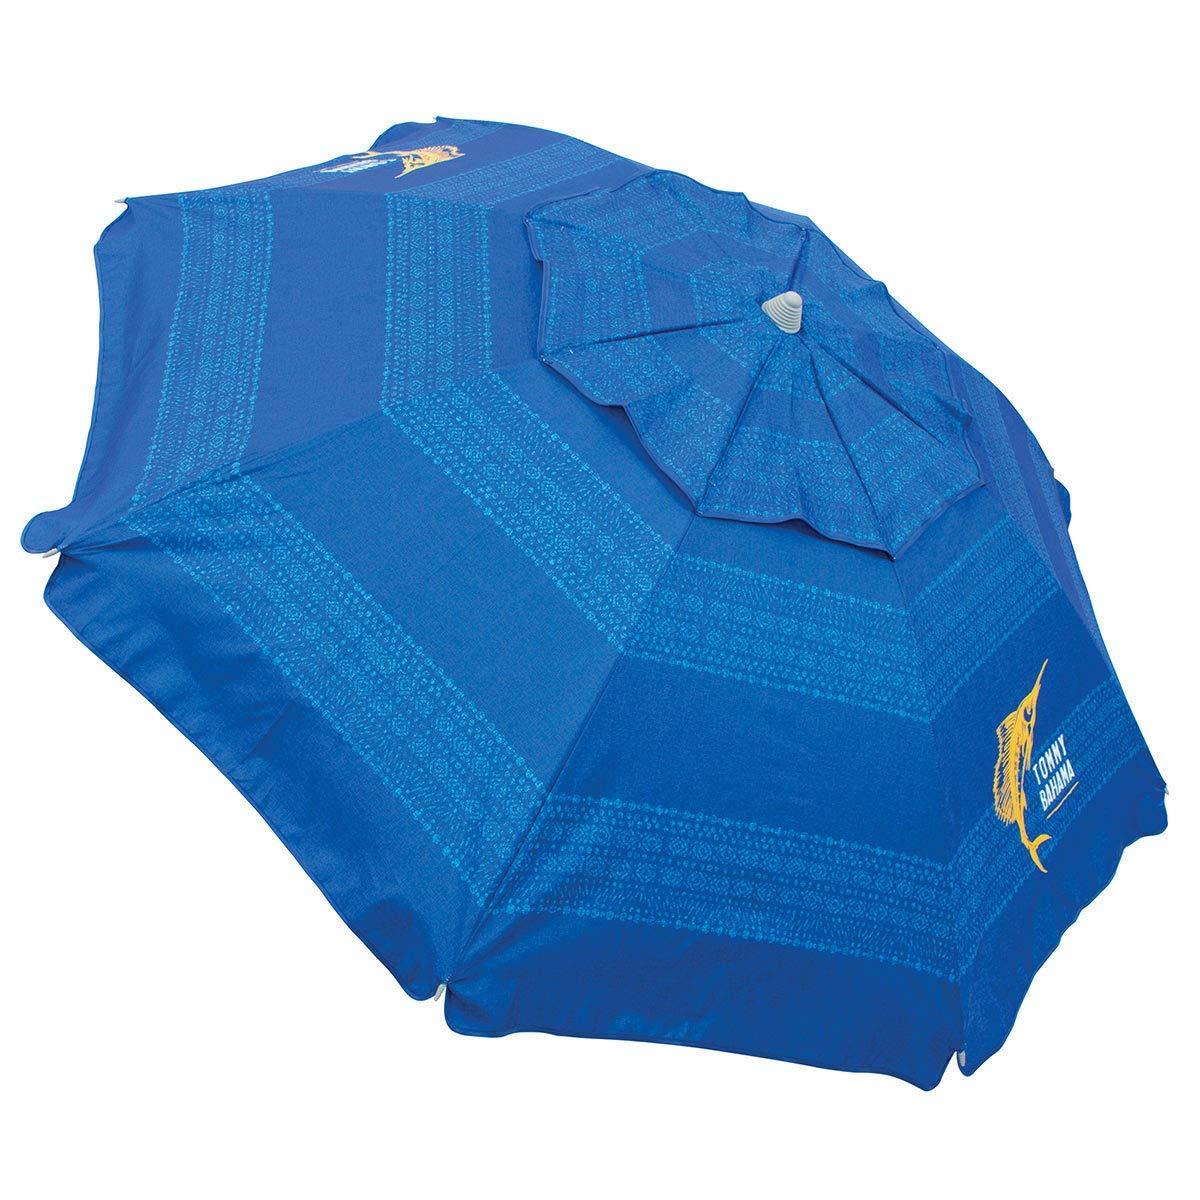 Tommy Bahama Parapluie de Plage 2019 Bleu